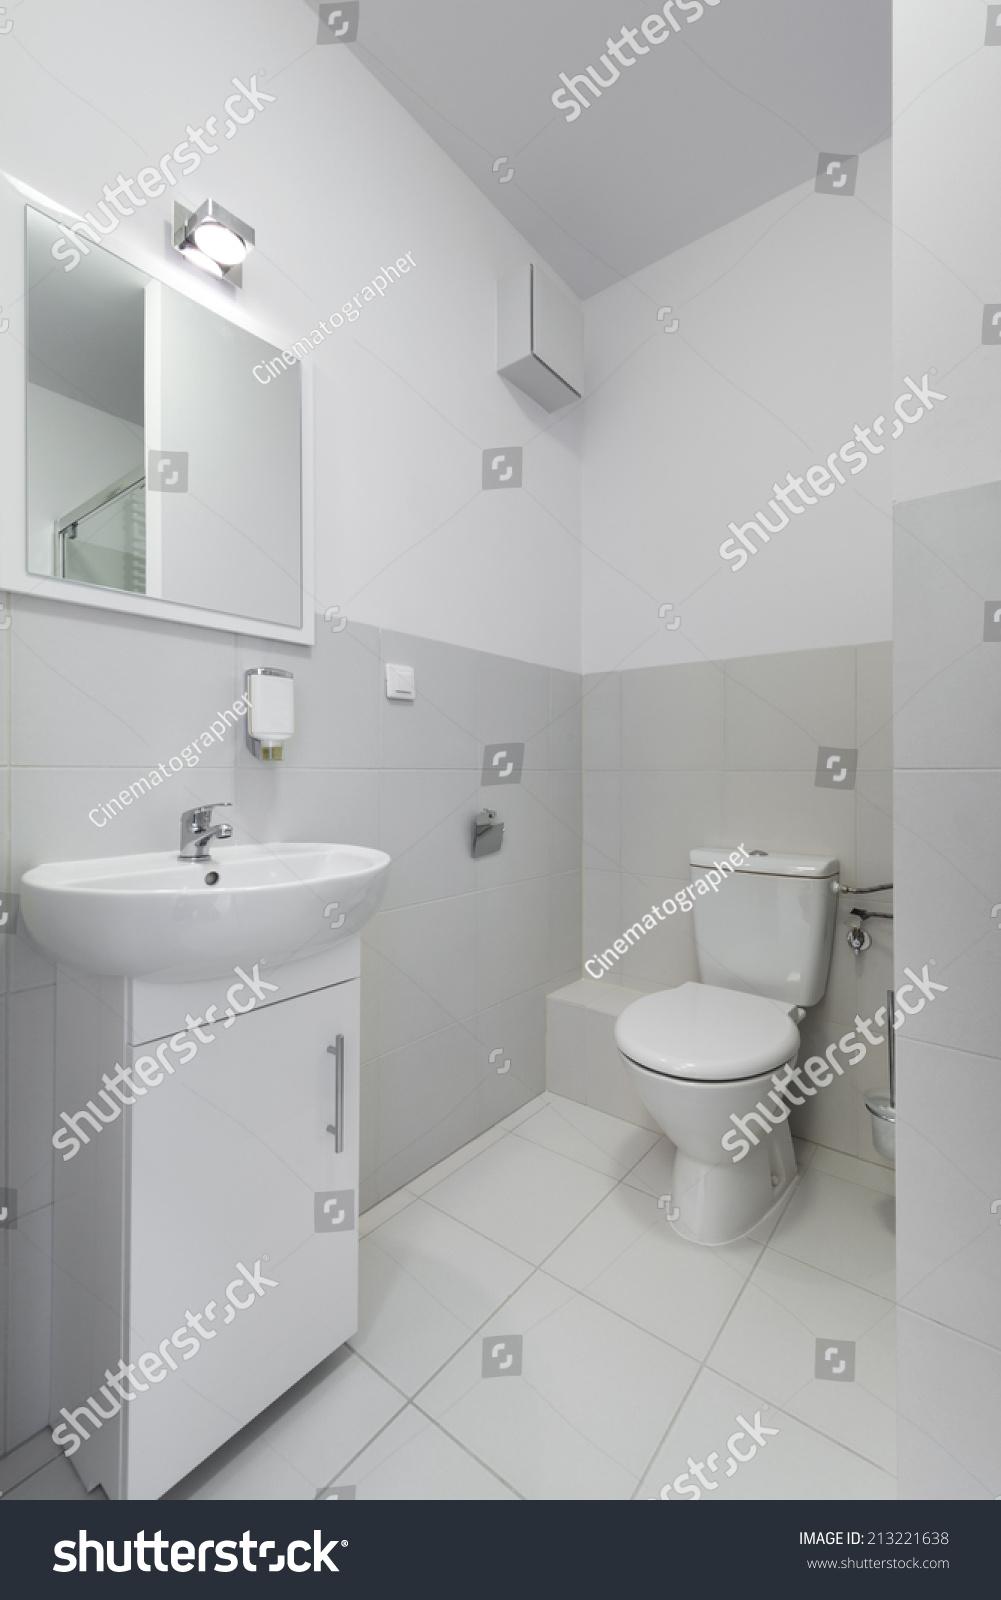 Small Compact Interior Bathroom Design Scandinavian Stock Photo ...